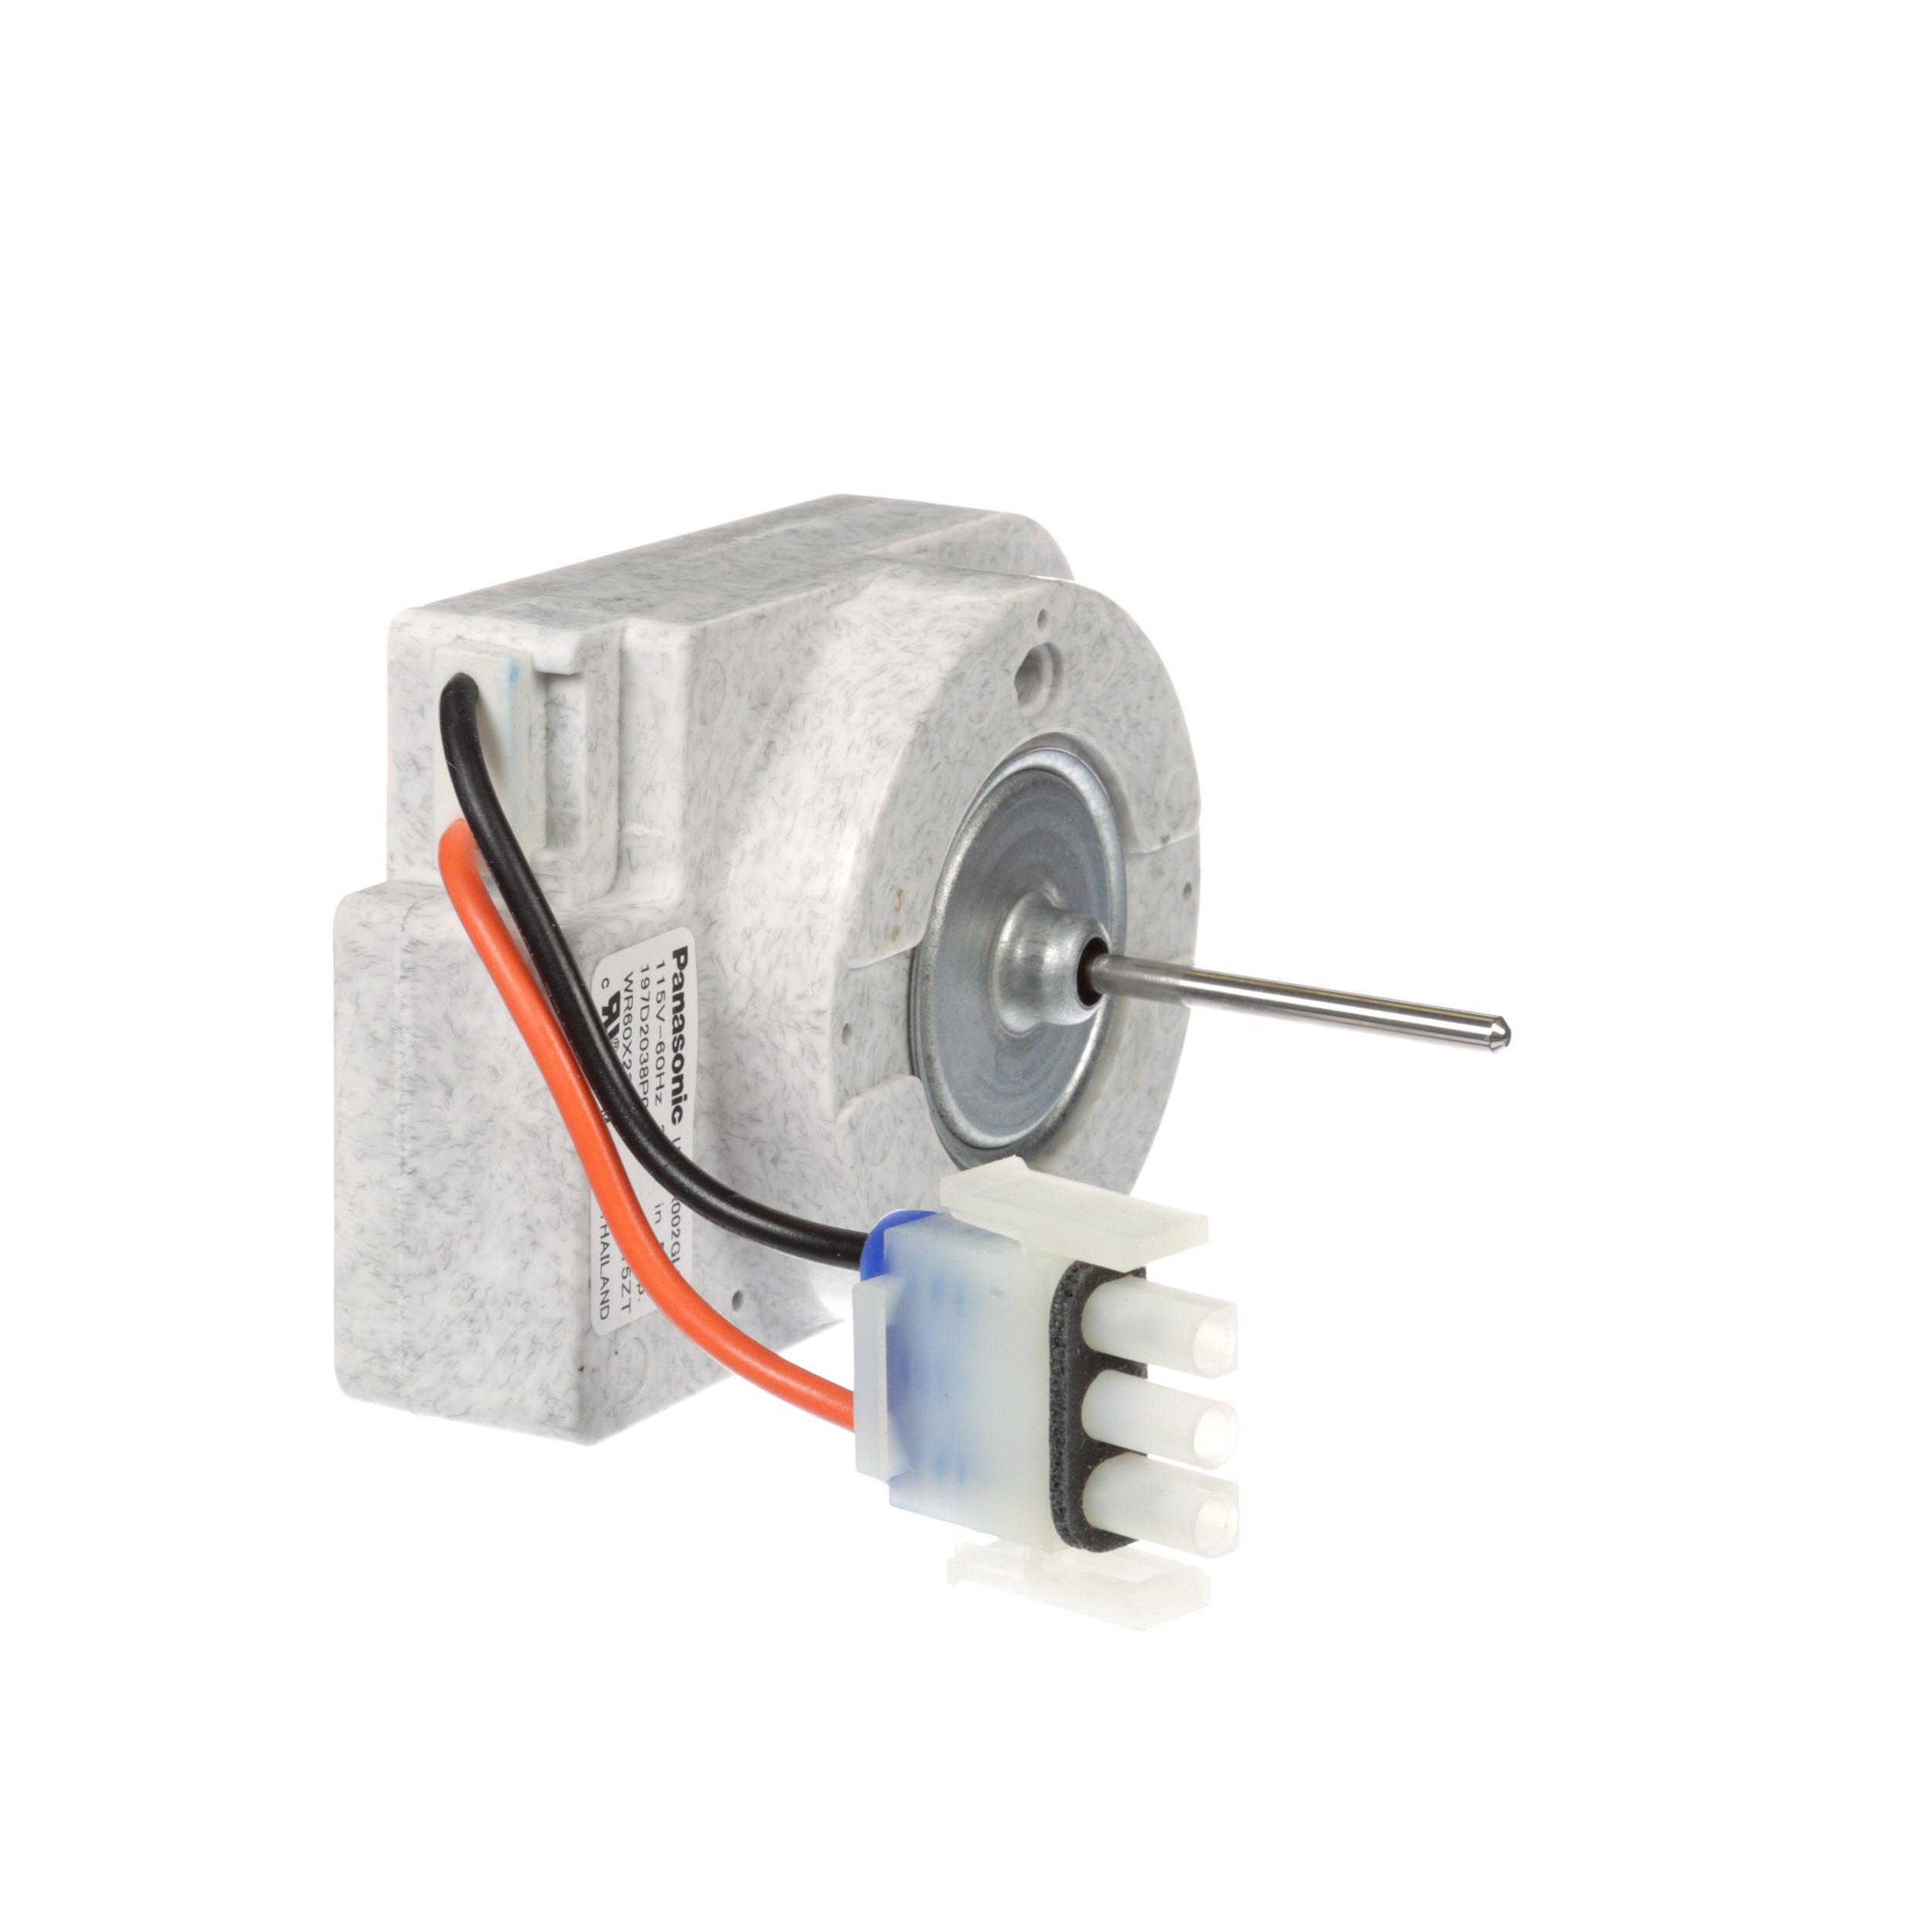 Ge fan motor part wr60x23584 for General electric fan motor